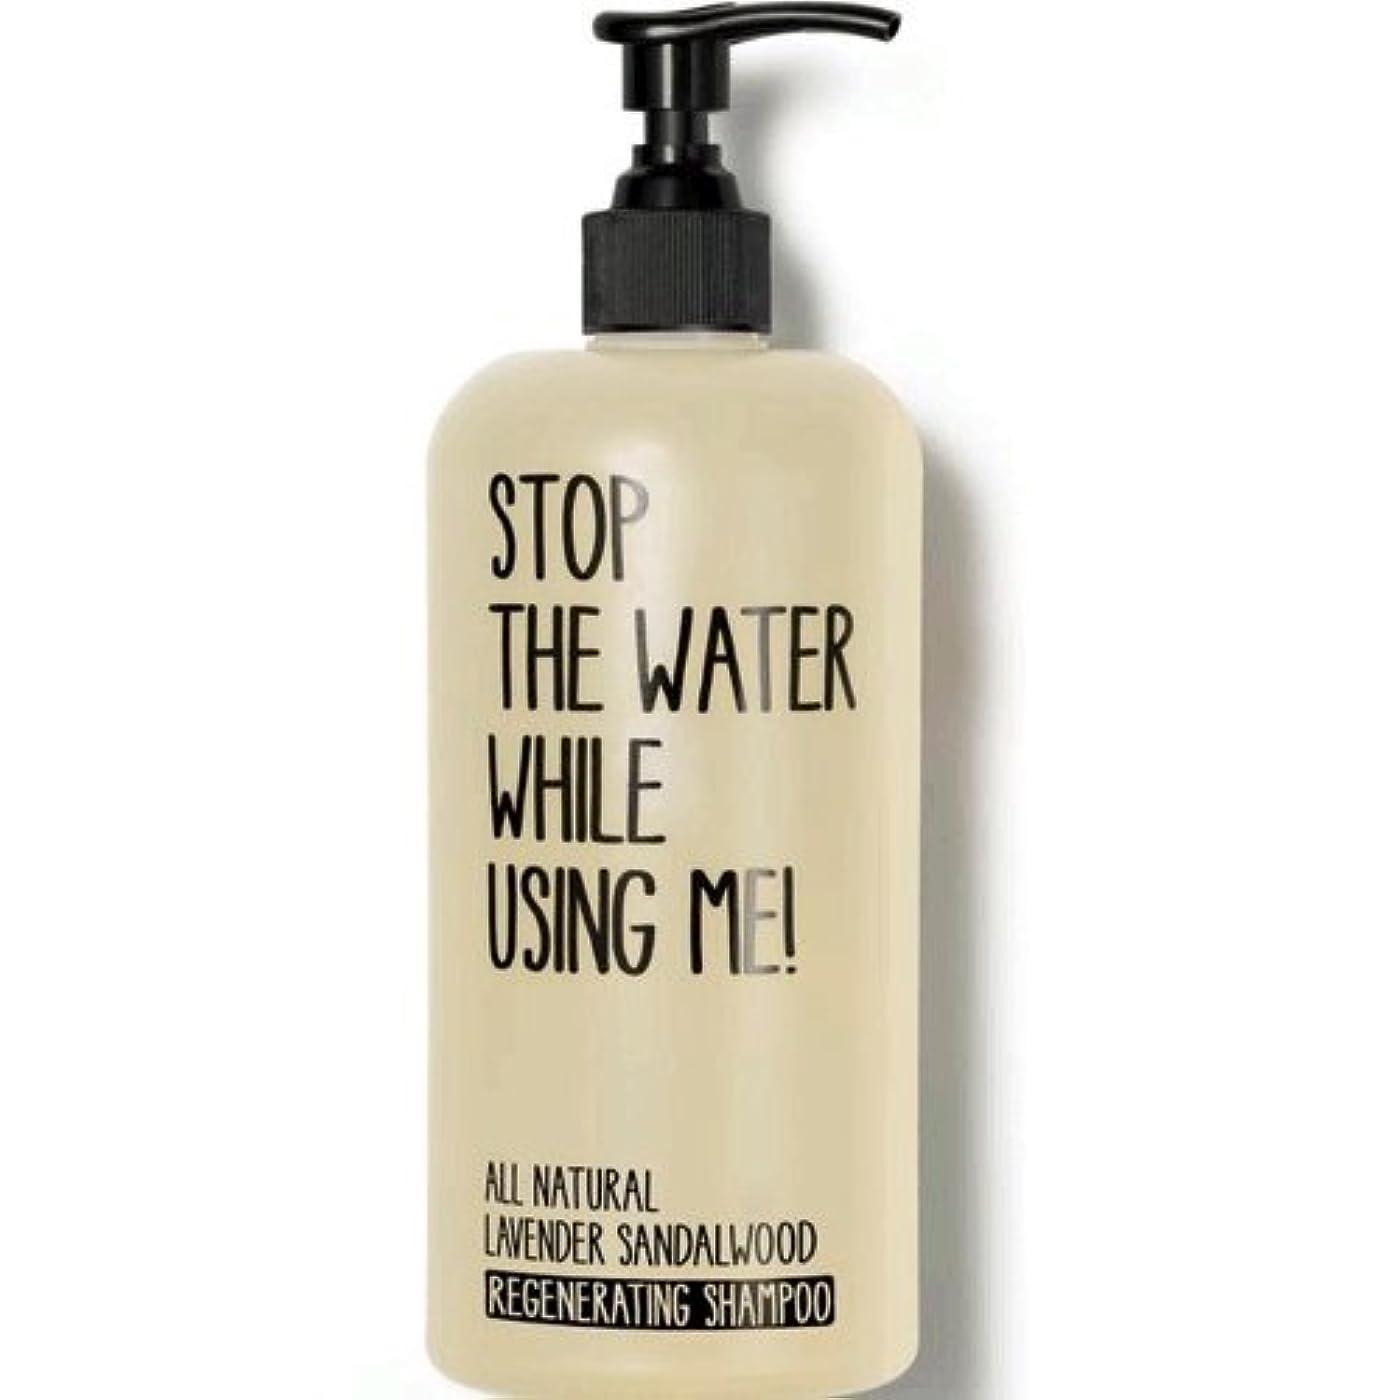 笑木旅行代理店【STOP THE WATER WHILE USING ME!】L&Sシャンプー(ラベンダー&サンダルウッド) 500ml [並行輸入品]